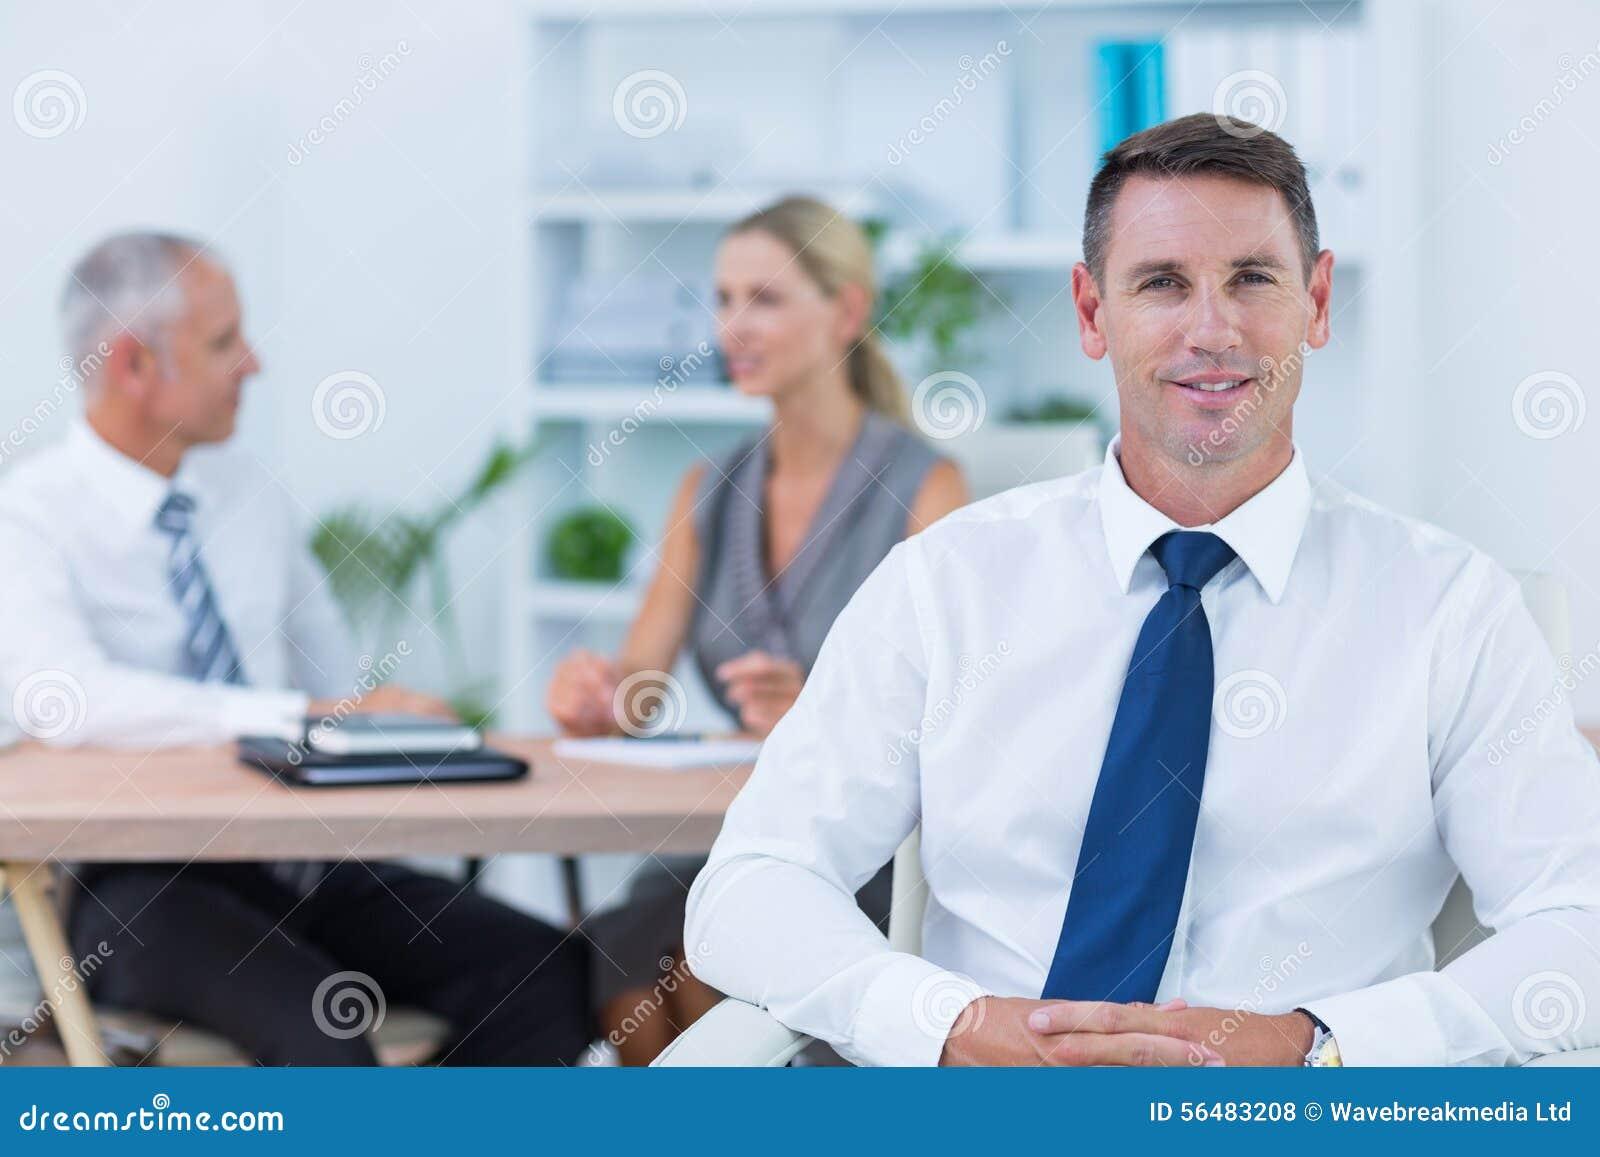 Homme d affaires heureux souriant à l appareil-photo avec des collègues derrière